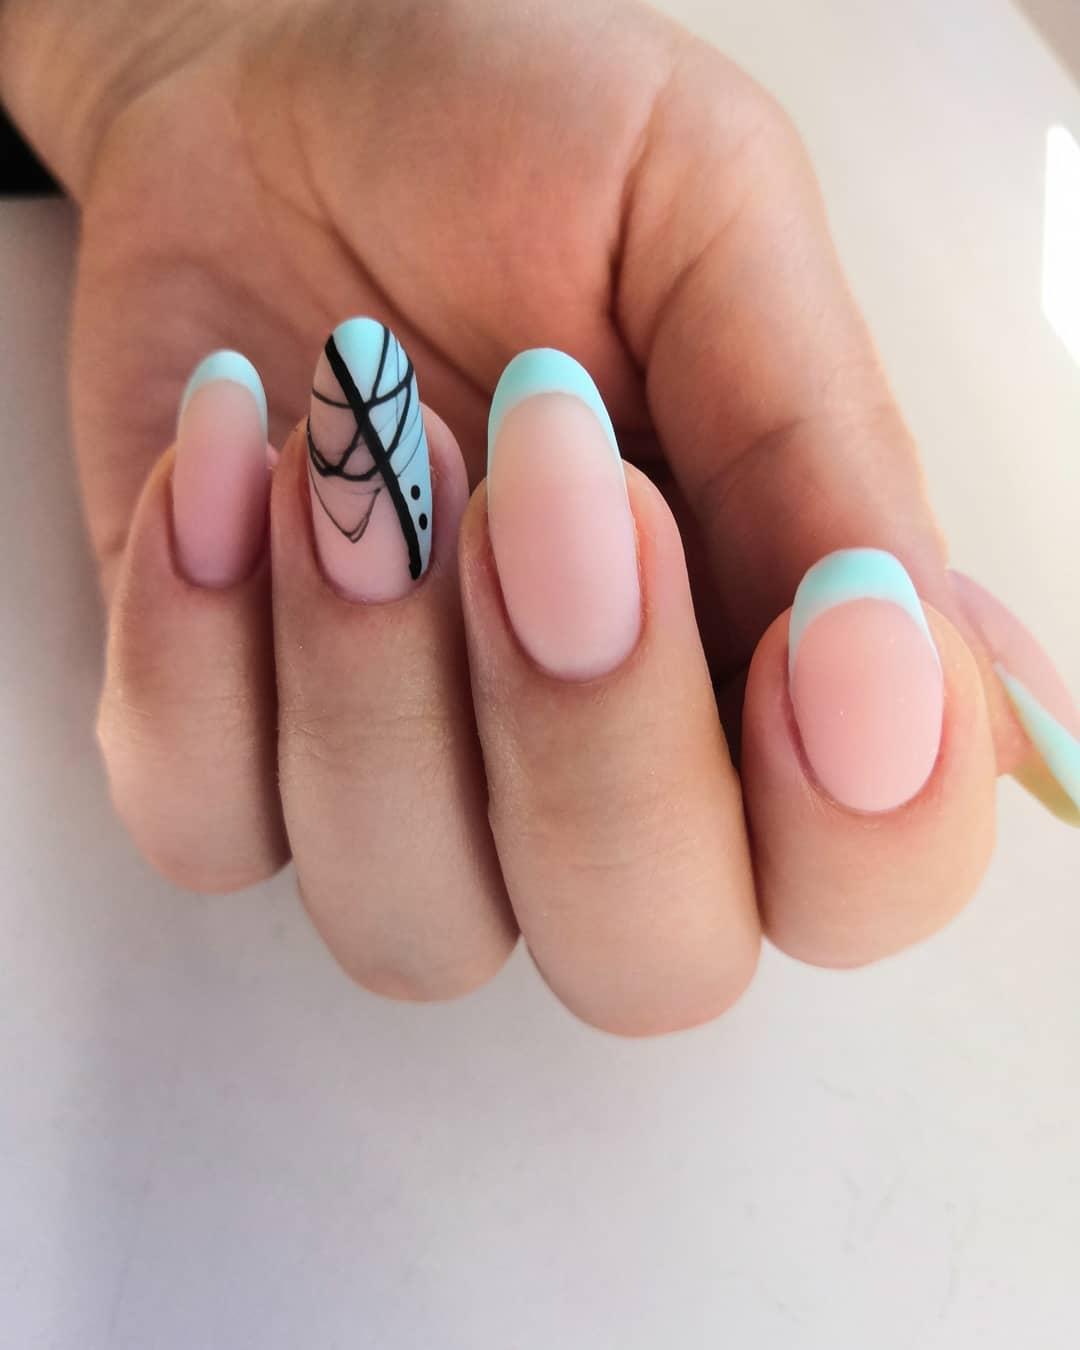 Матовый френч с паутинкой в голубом цвете на длинные ногти.